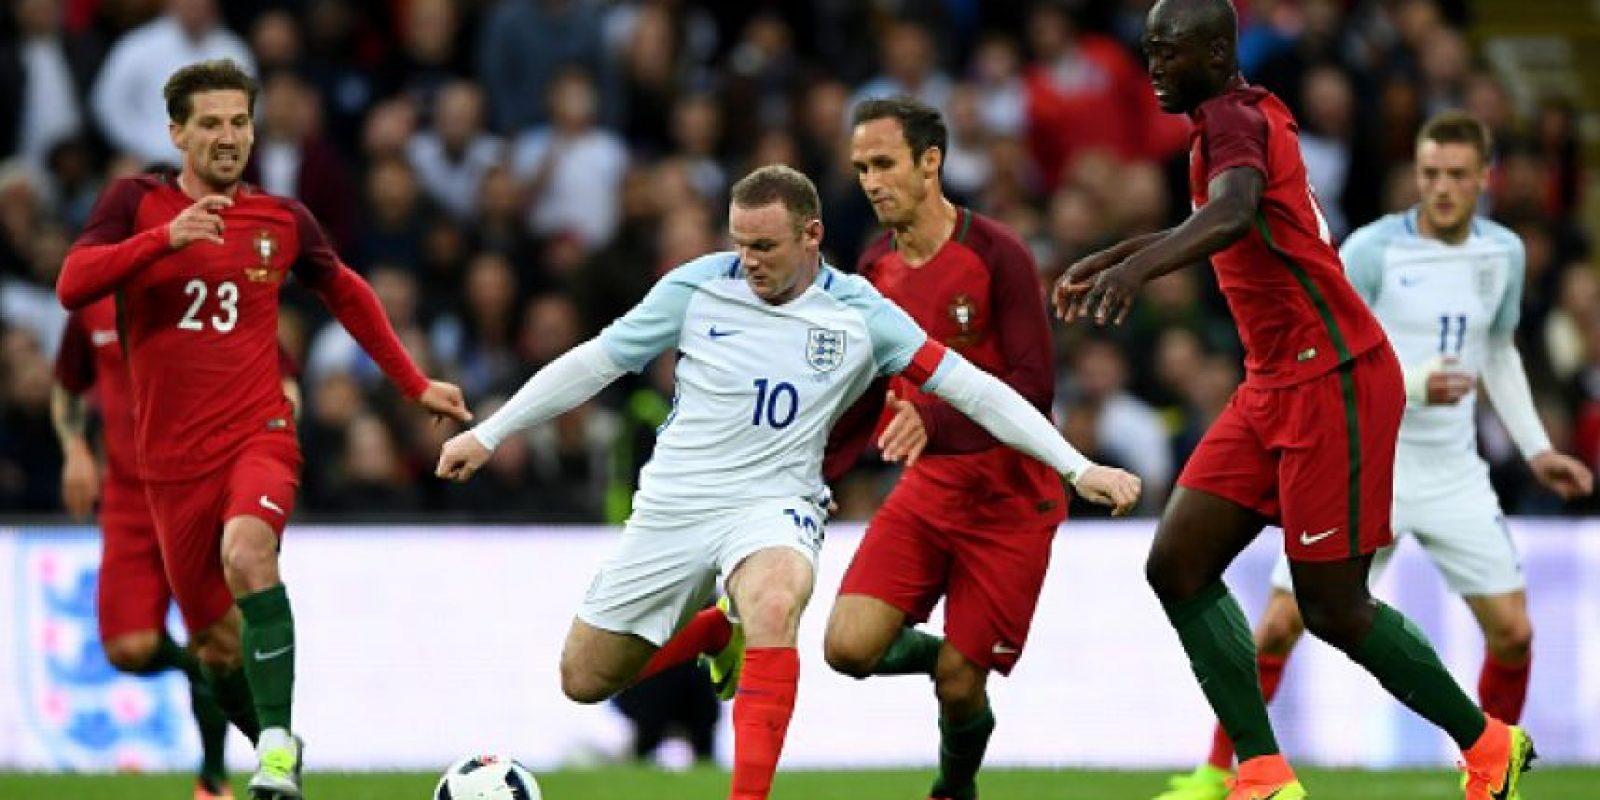 Los ingleses están apostando por la renovación para conseguir un inédito título en el torneo de selecciones del Viejo Continente Foto:Getty Imags